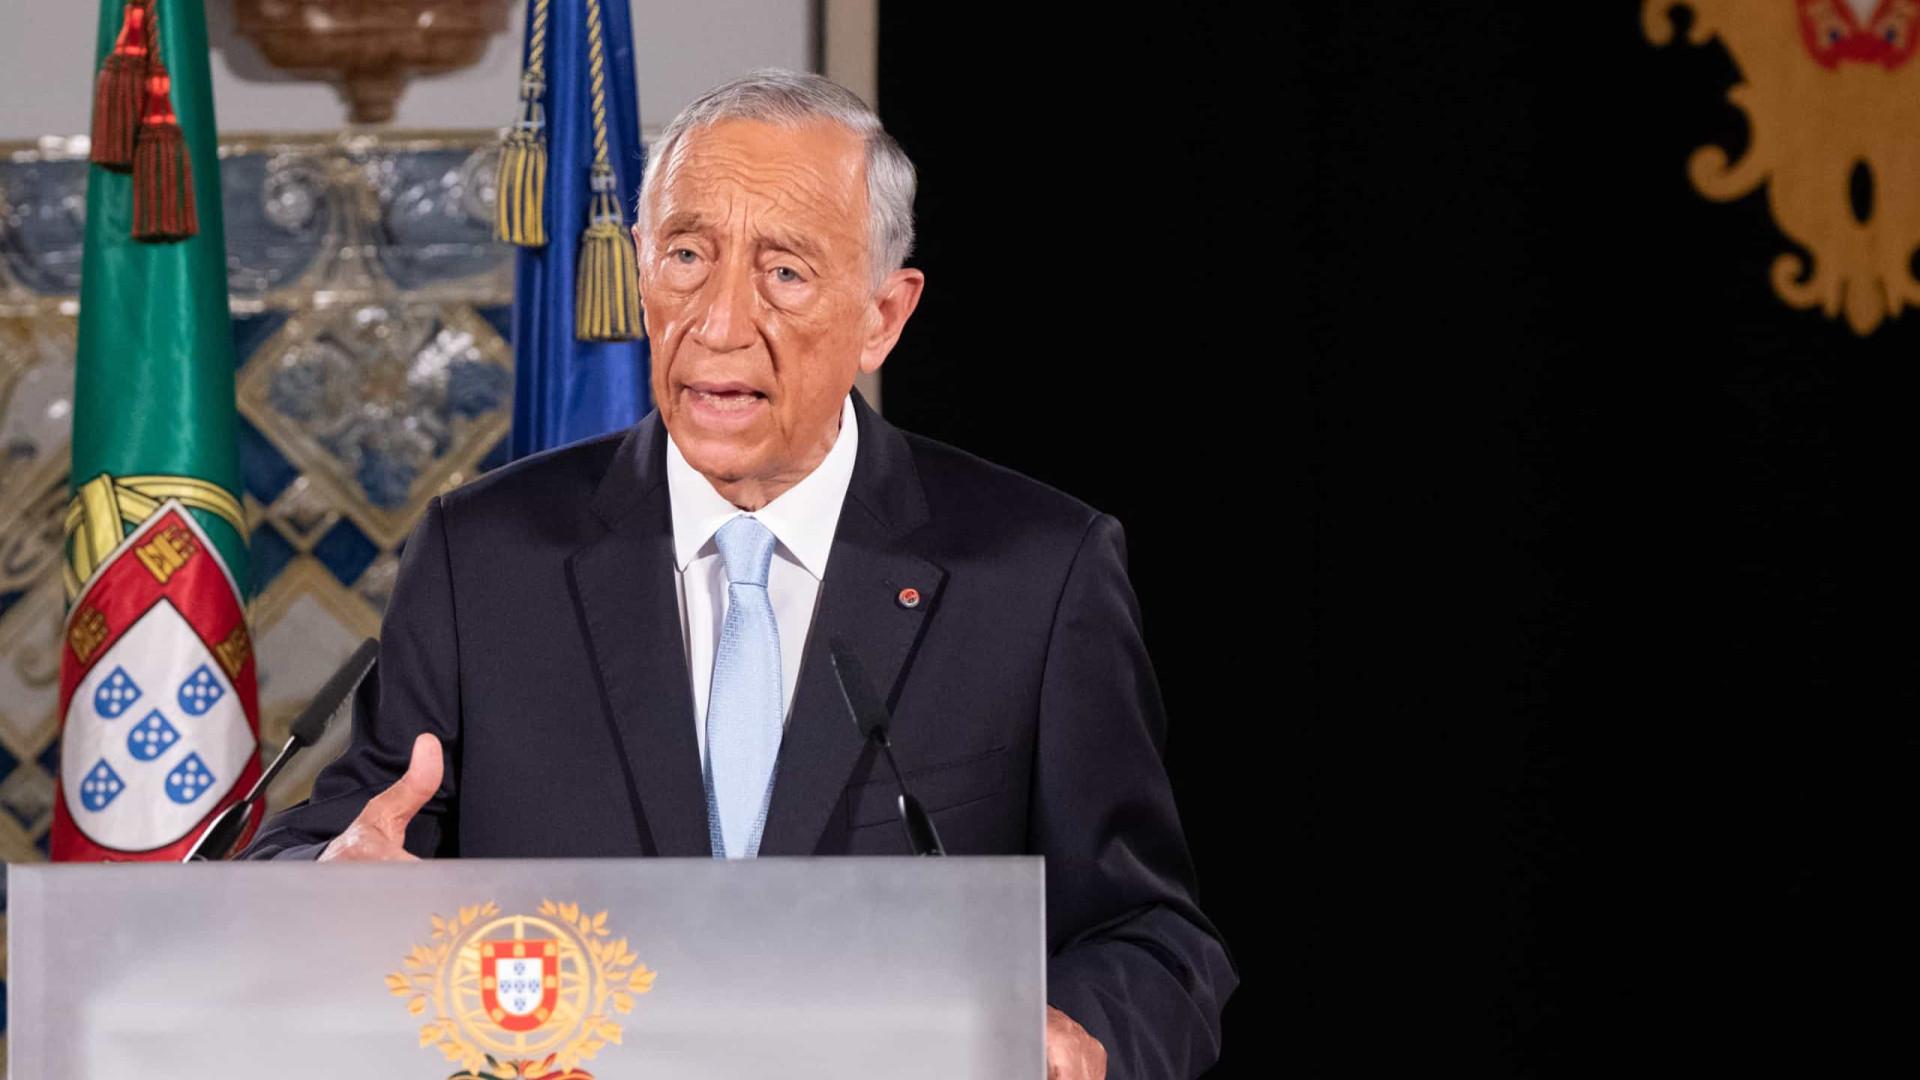 Presidente da República começa hoje a ouvir os partidos